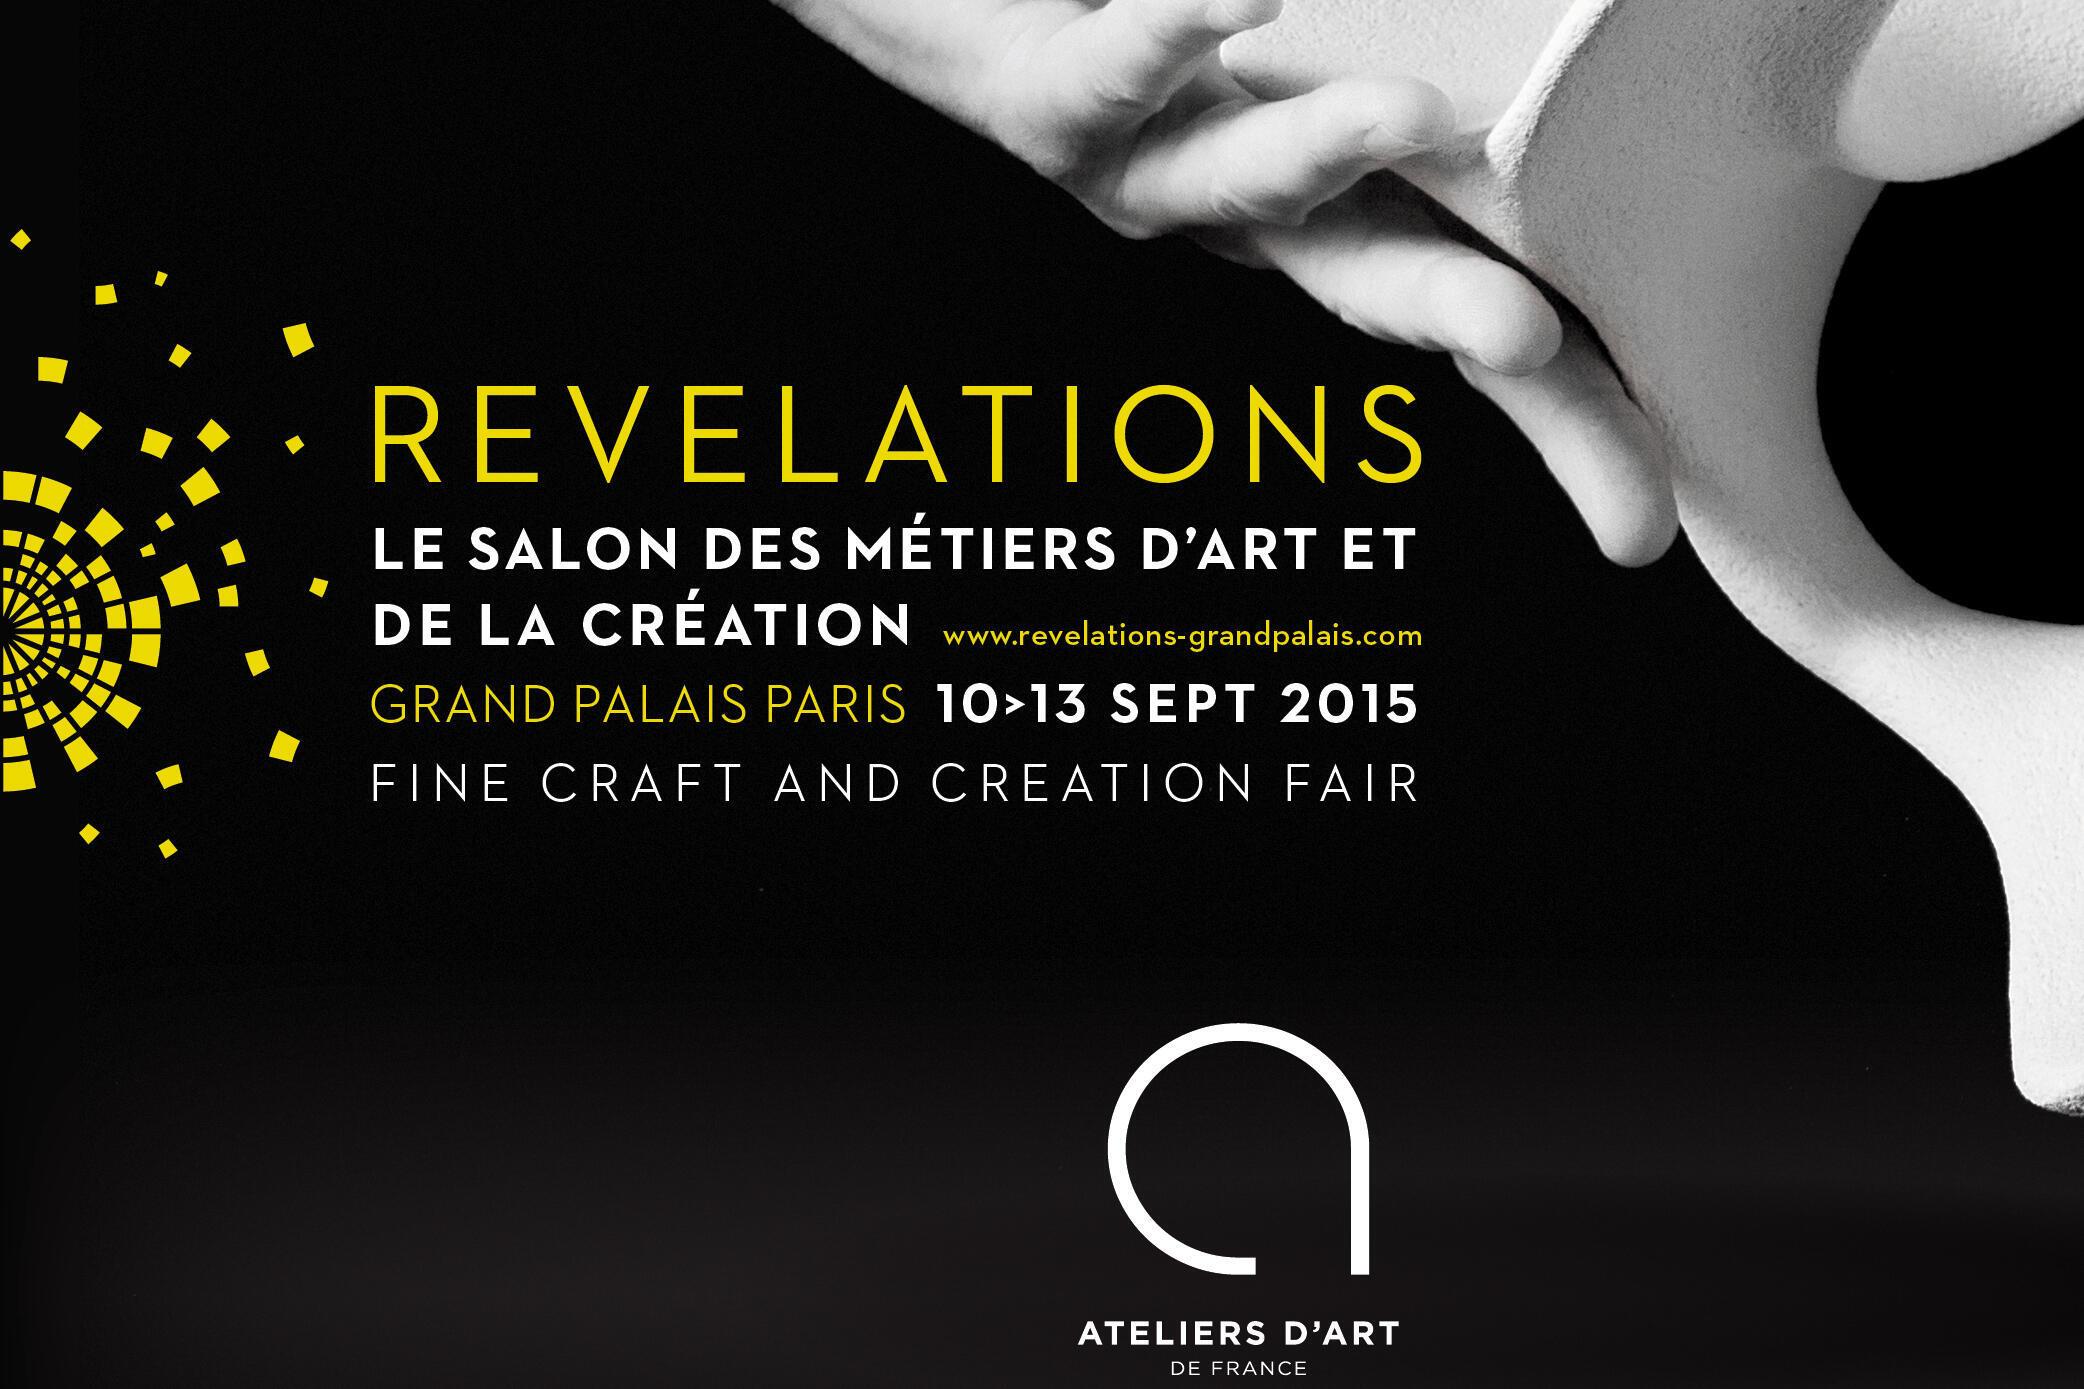 在大皇宮舉行的國際手工藝藝術創新展覽